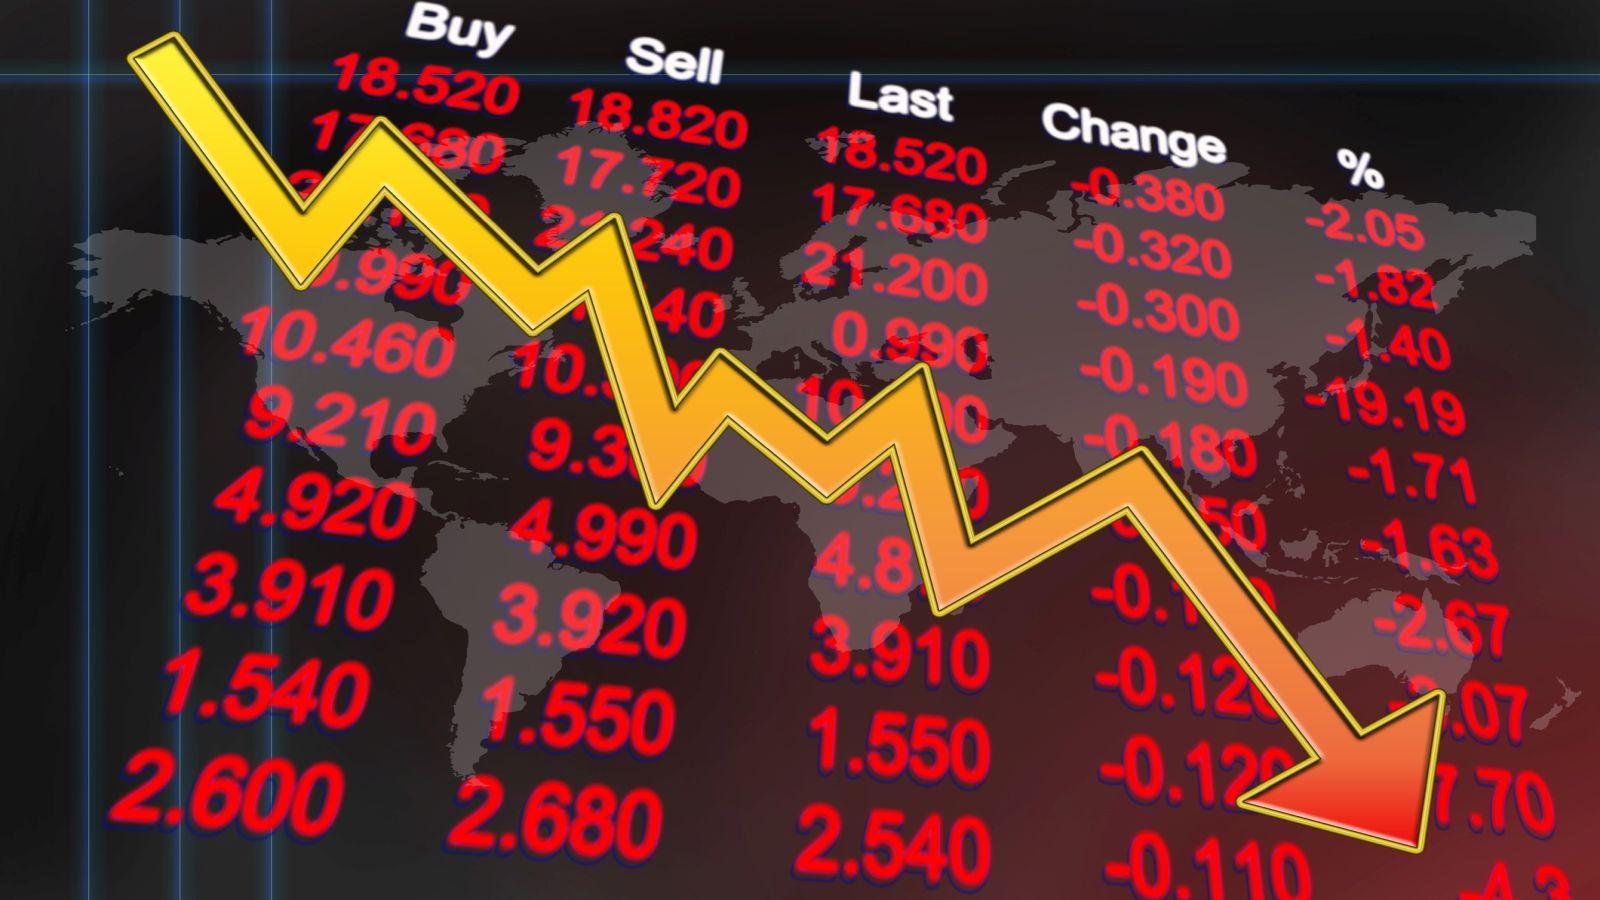 سوق الكريبتو يخسر 50 مليار دولار مع فشل البيتكوين في اختراق مستوى 38 ألف دولار